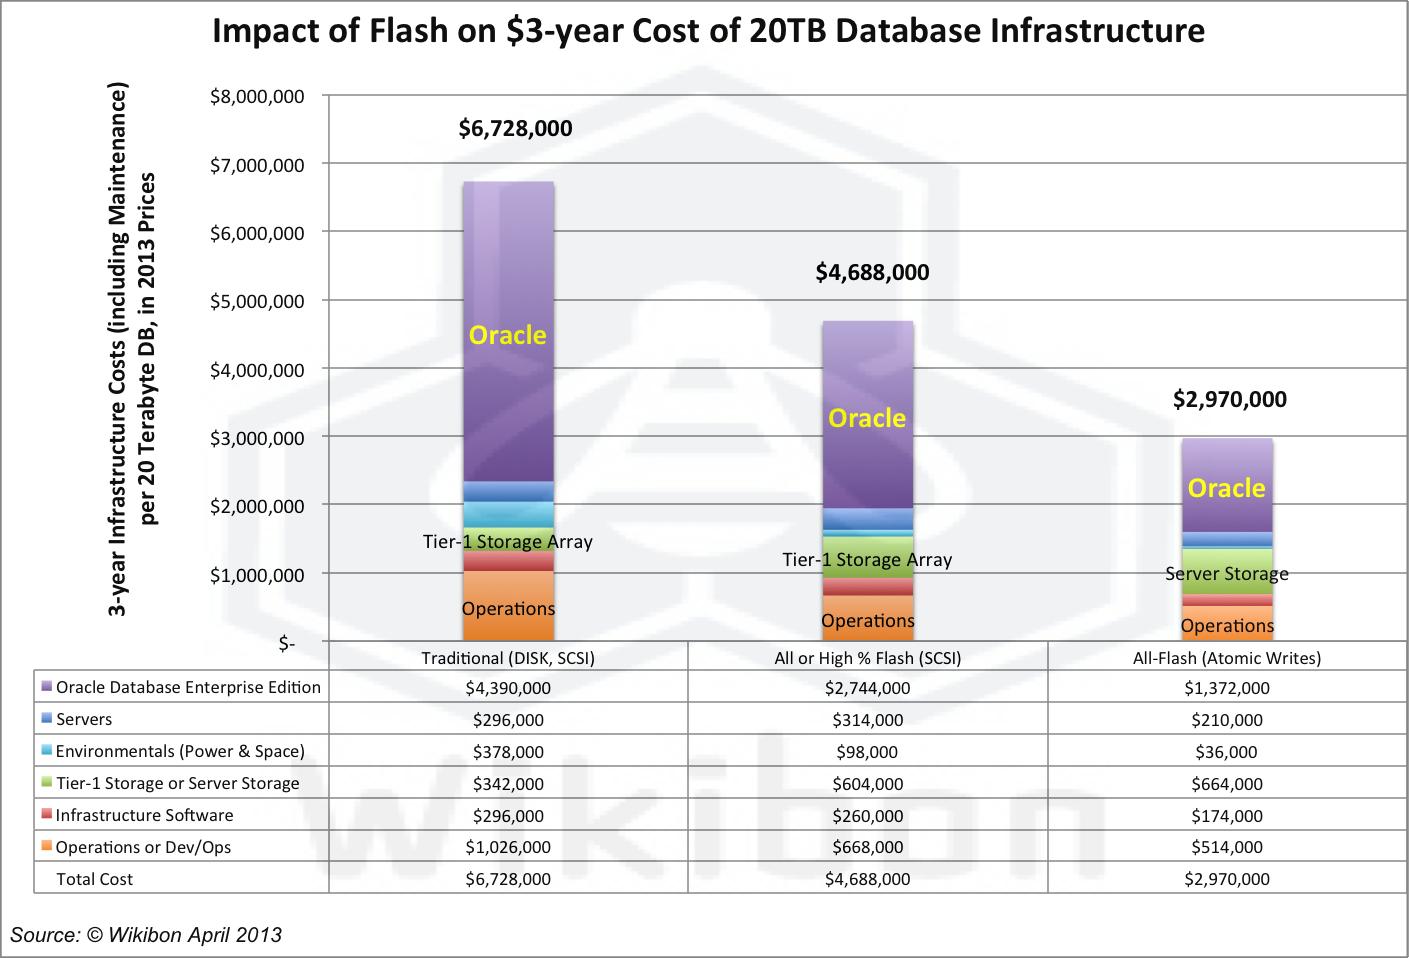 FlashHyperscaleImpact20TBDBInfrastructureC31